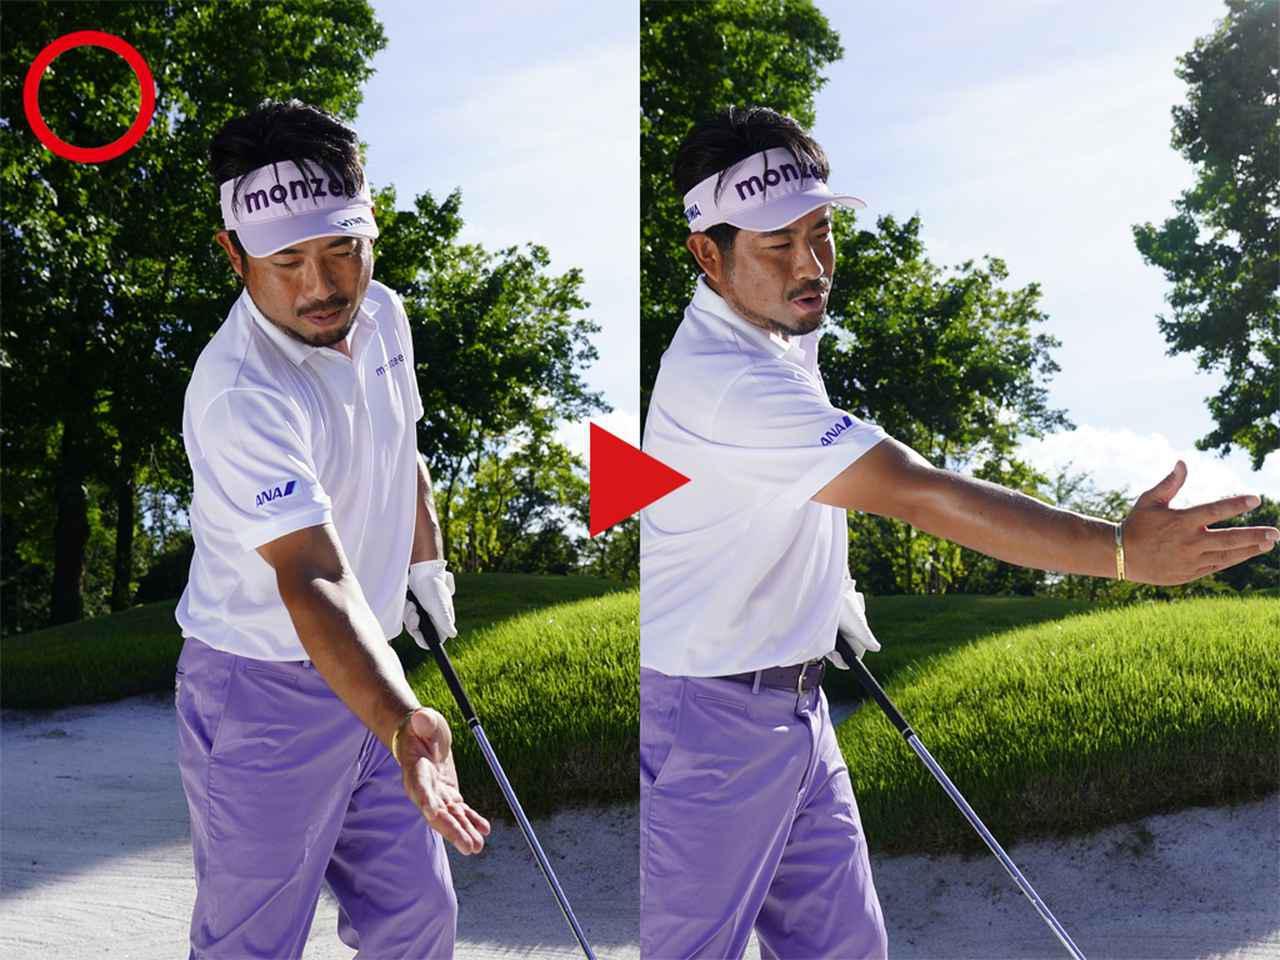 画像2: ロフトを立てて打てば 球が前に飛ぶ